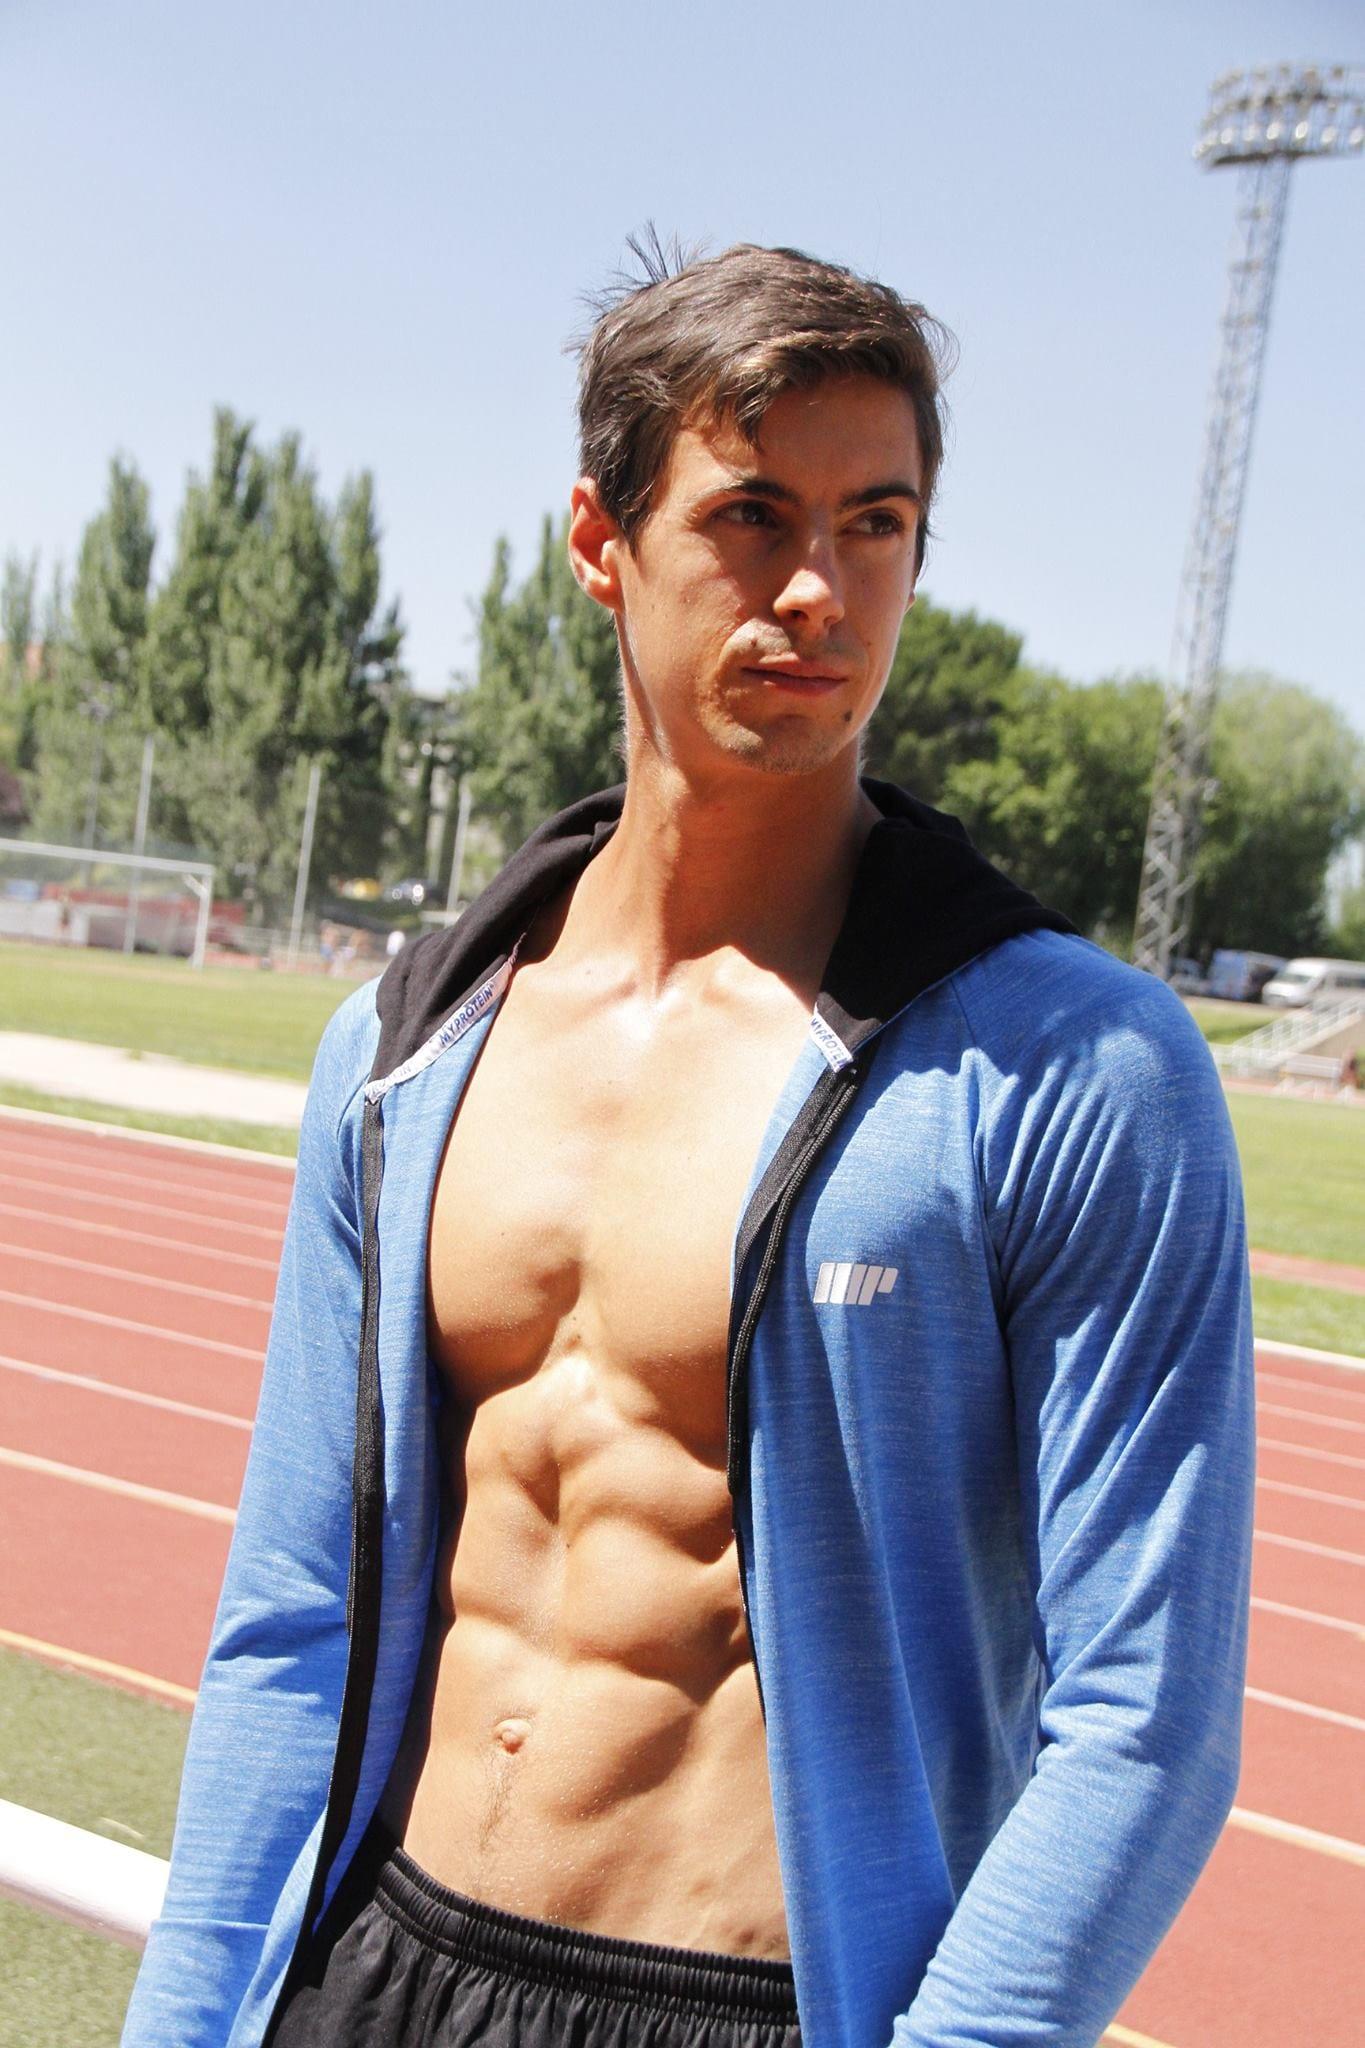 miguel atleta vegano